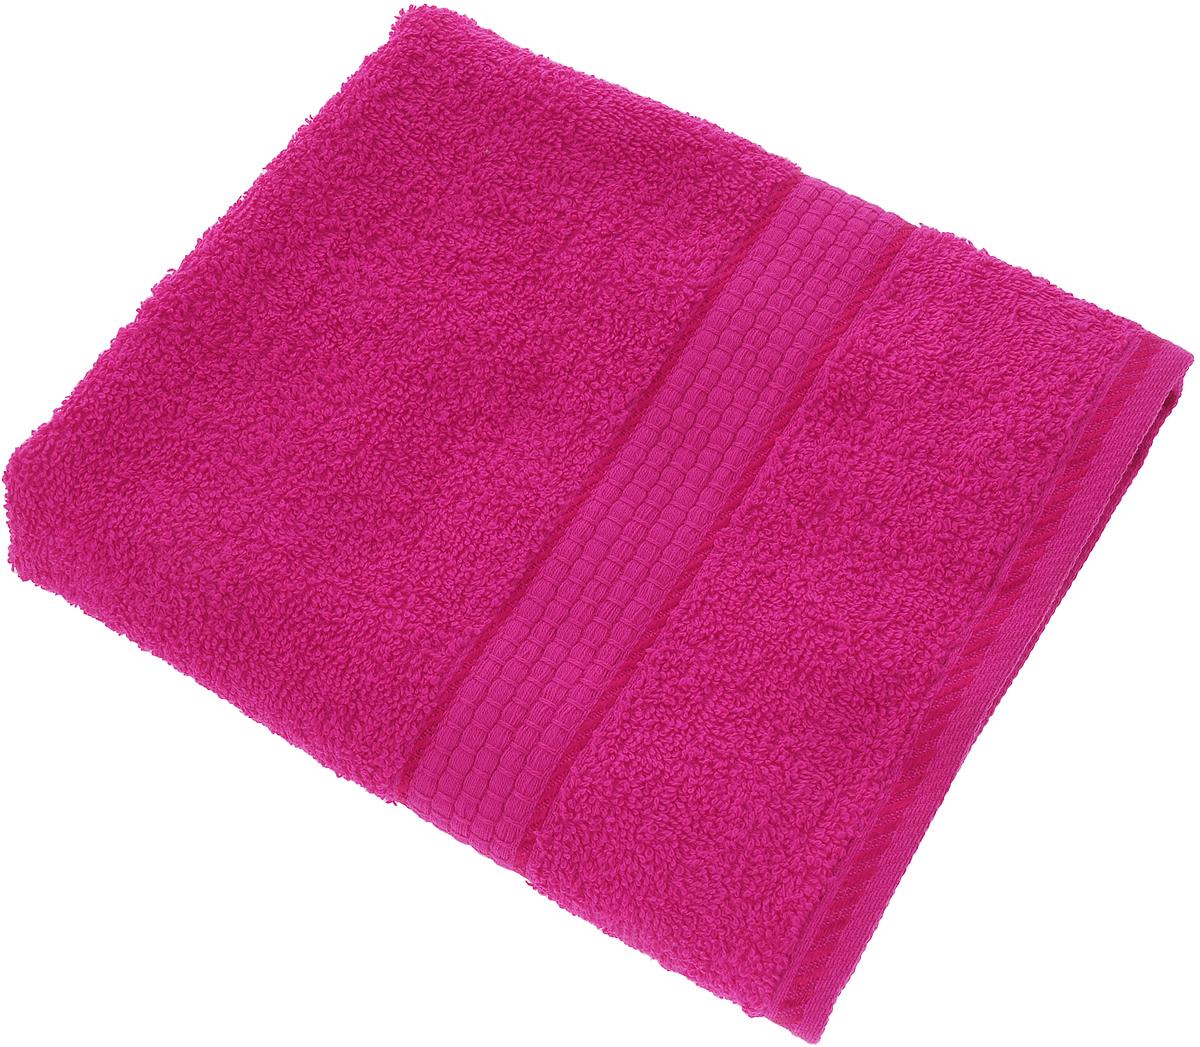 Полотенце Aisha Home Textile, цвет: фуксия, 50 х 90 смУзТ-ПМ-112-08-28кМахровые полотенца AISHA Home Textile идеальное сочетание цены и качества. Полотенца упакованы в стильную подарочную коробку. В состав входит только натуральное волокно - хлопок. Лаконичные бордюры подойдут для любого интерьера ванной комнаты. Полотенца прекрасно впитывает влагу и быстро сохнут. При соблюдении рекомендаций по уходу не линяют и не теряют форму даже после многократных стирок.Состав: 100% хлопок.